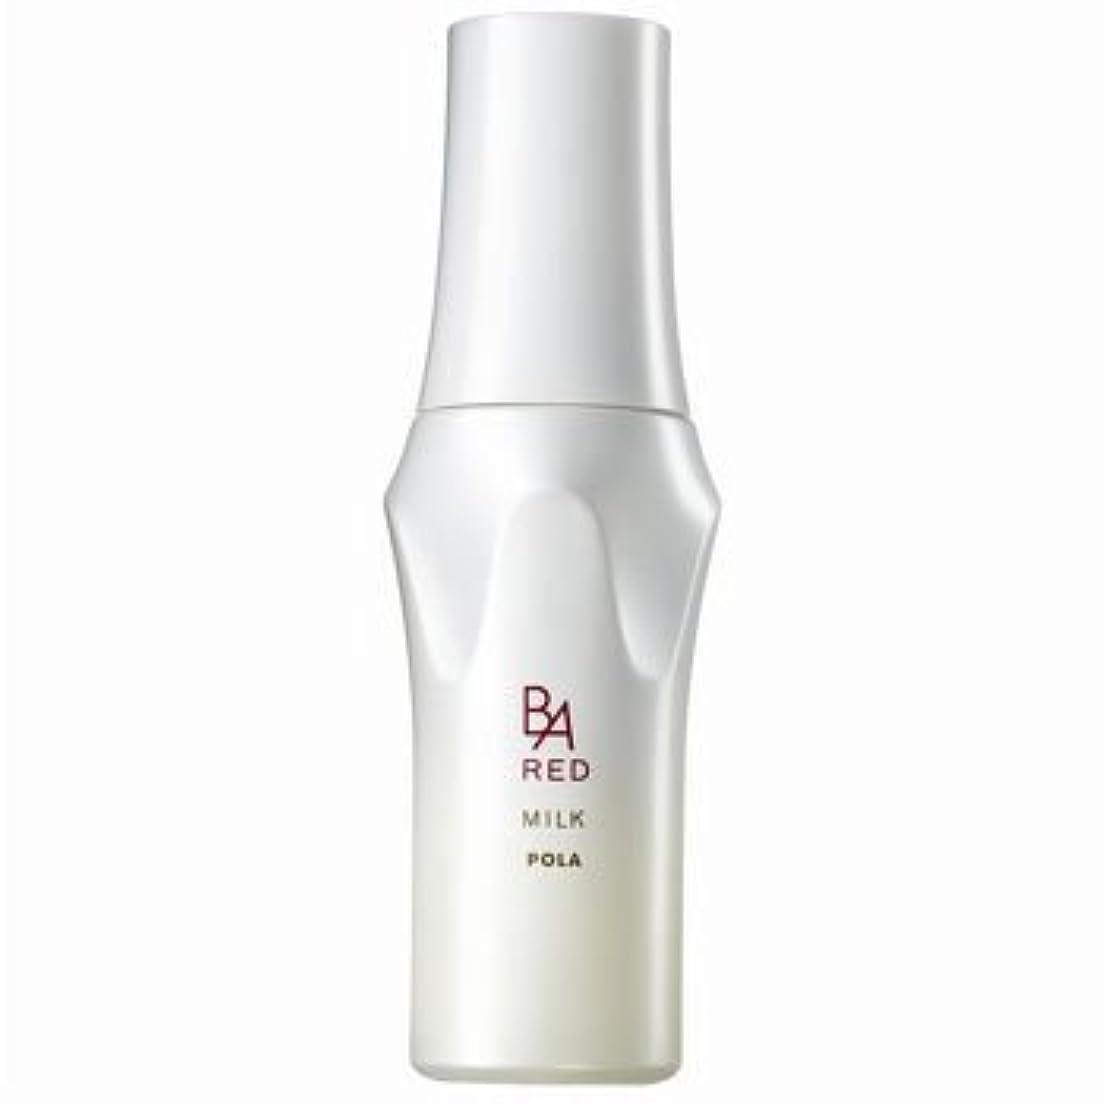 群れスペイン無視するPOLA(ポーラ) B.A RED ミルクS(50mL)[並行輸入品]